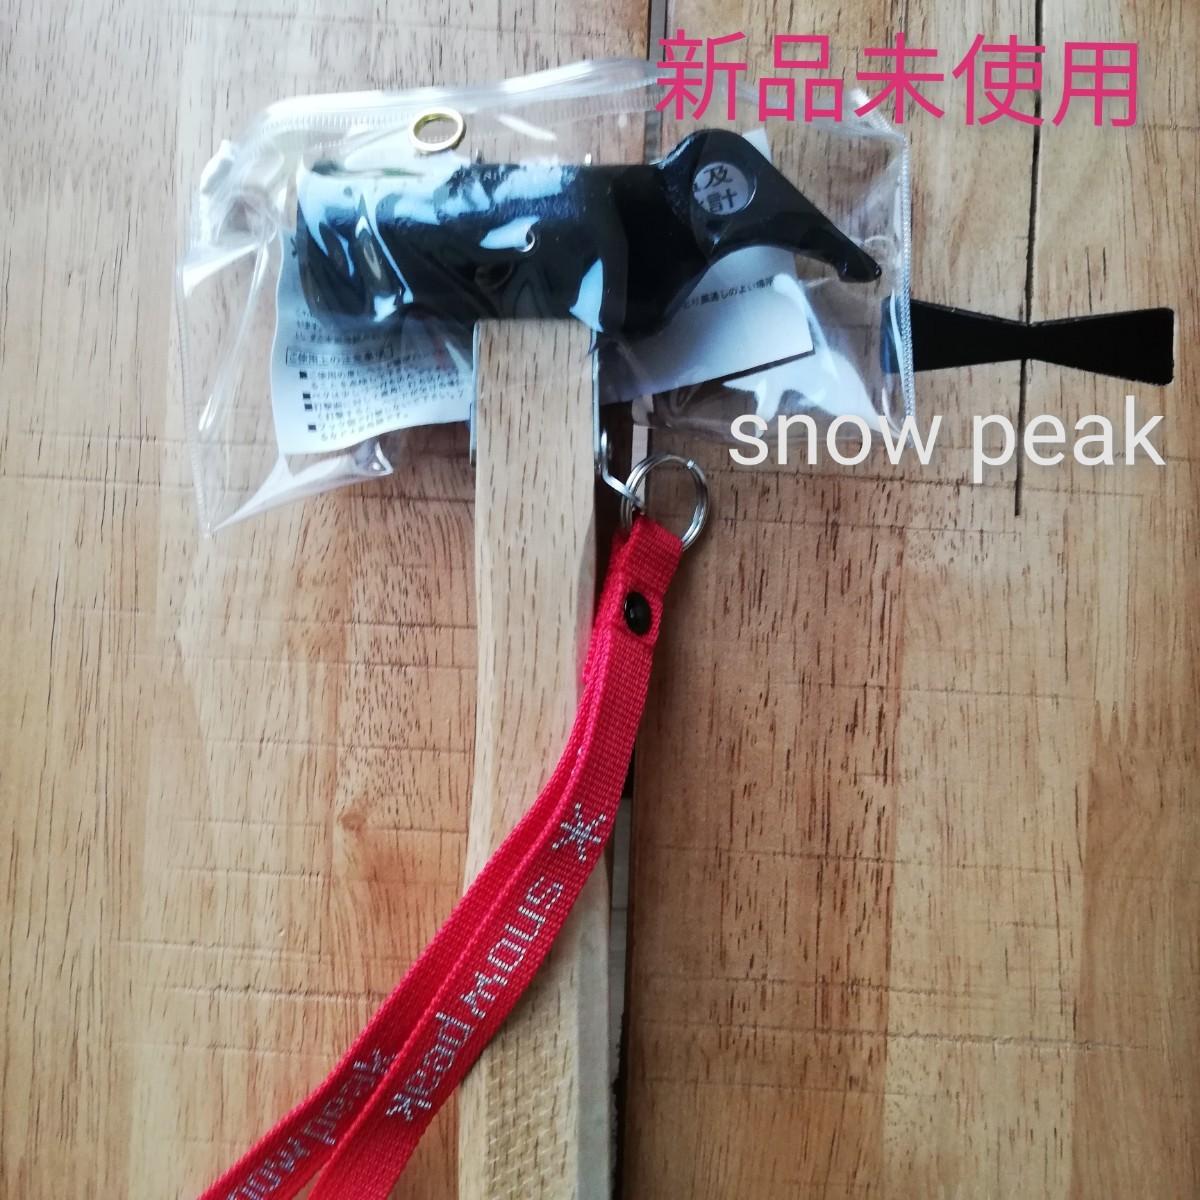 スノーピーク snow peak ペグハンマー PRO.S N-002 スノピ ハンマー 金槌 金づち かなづち ペグ